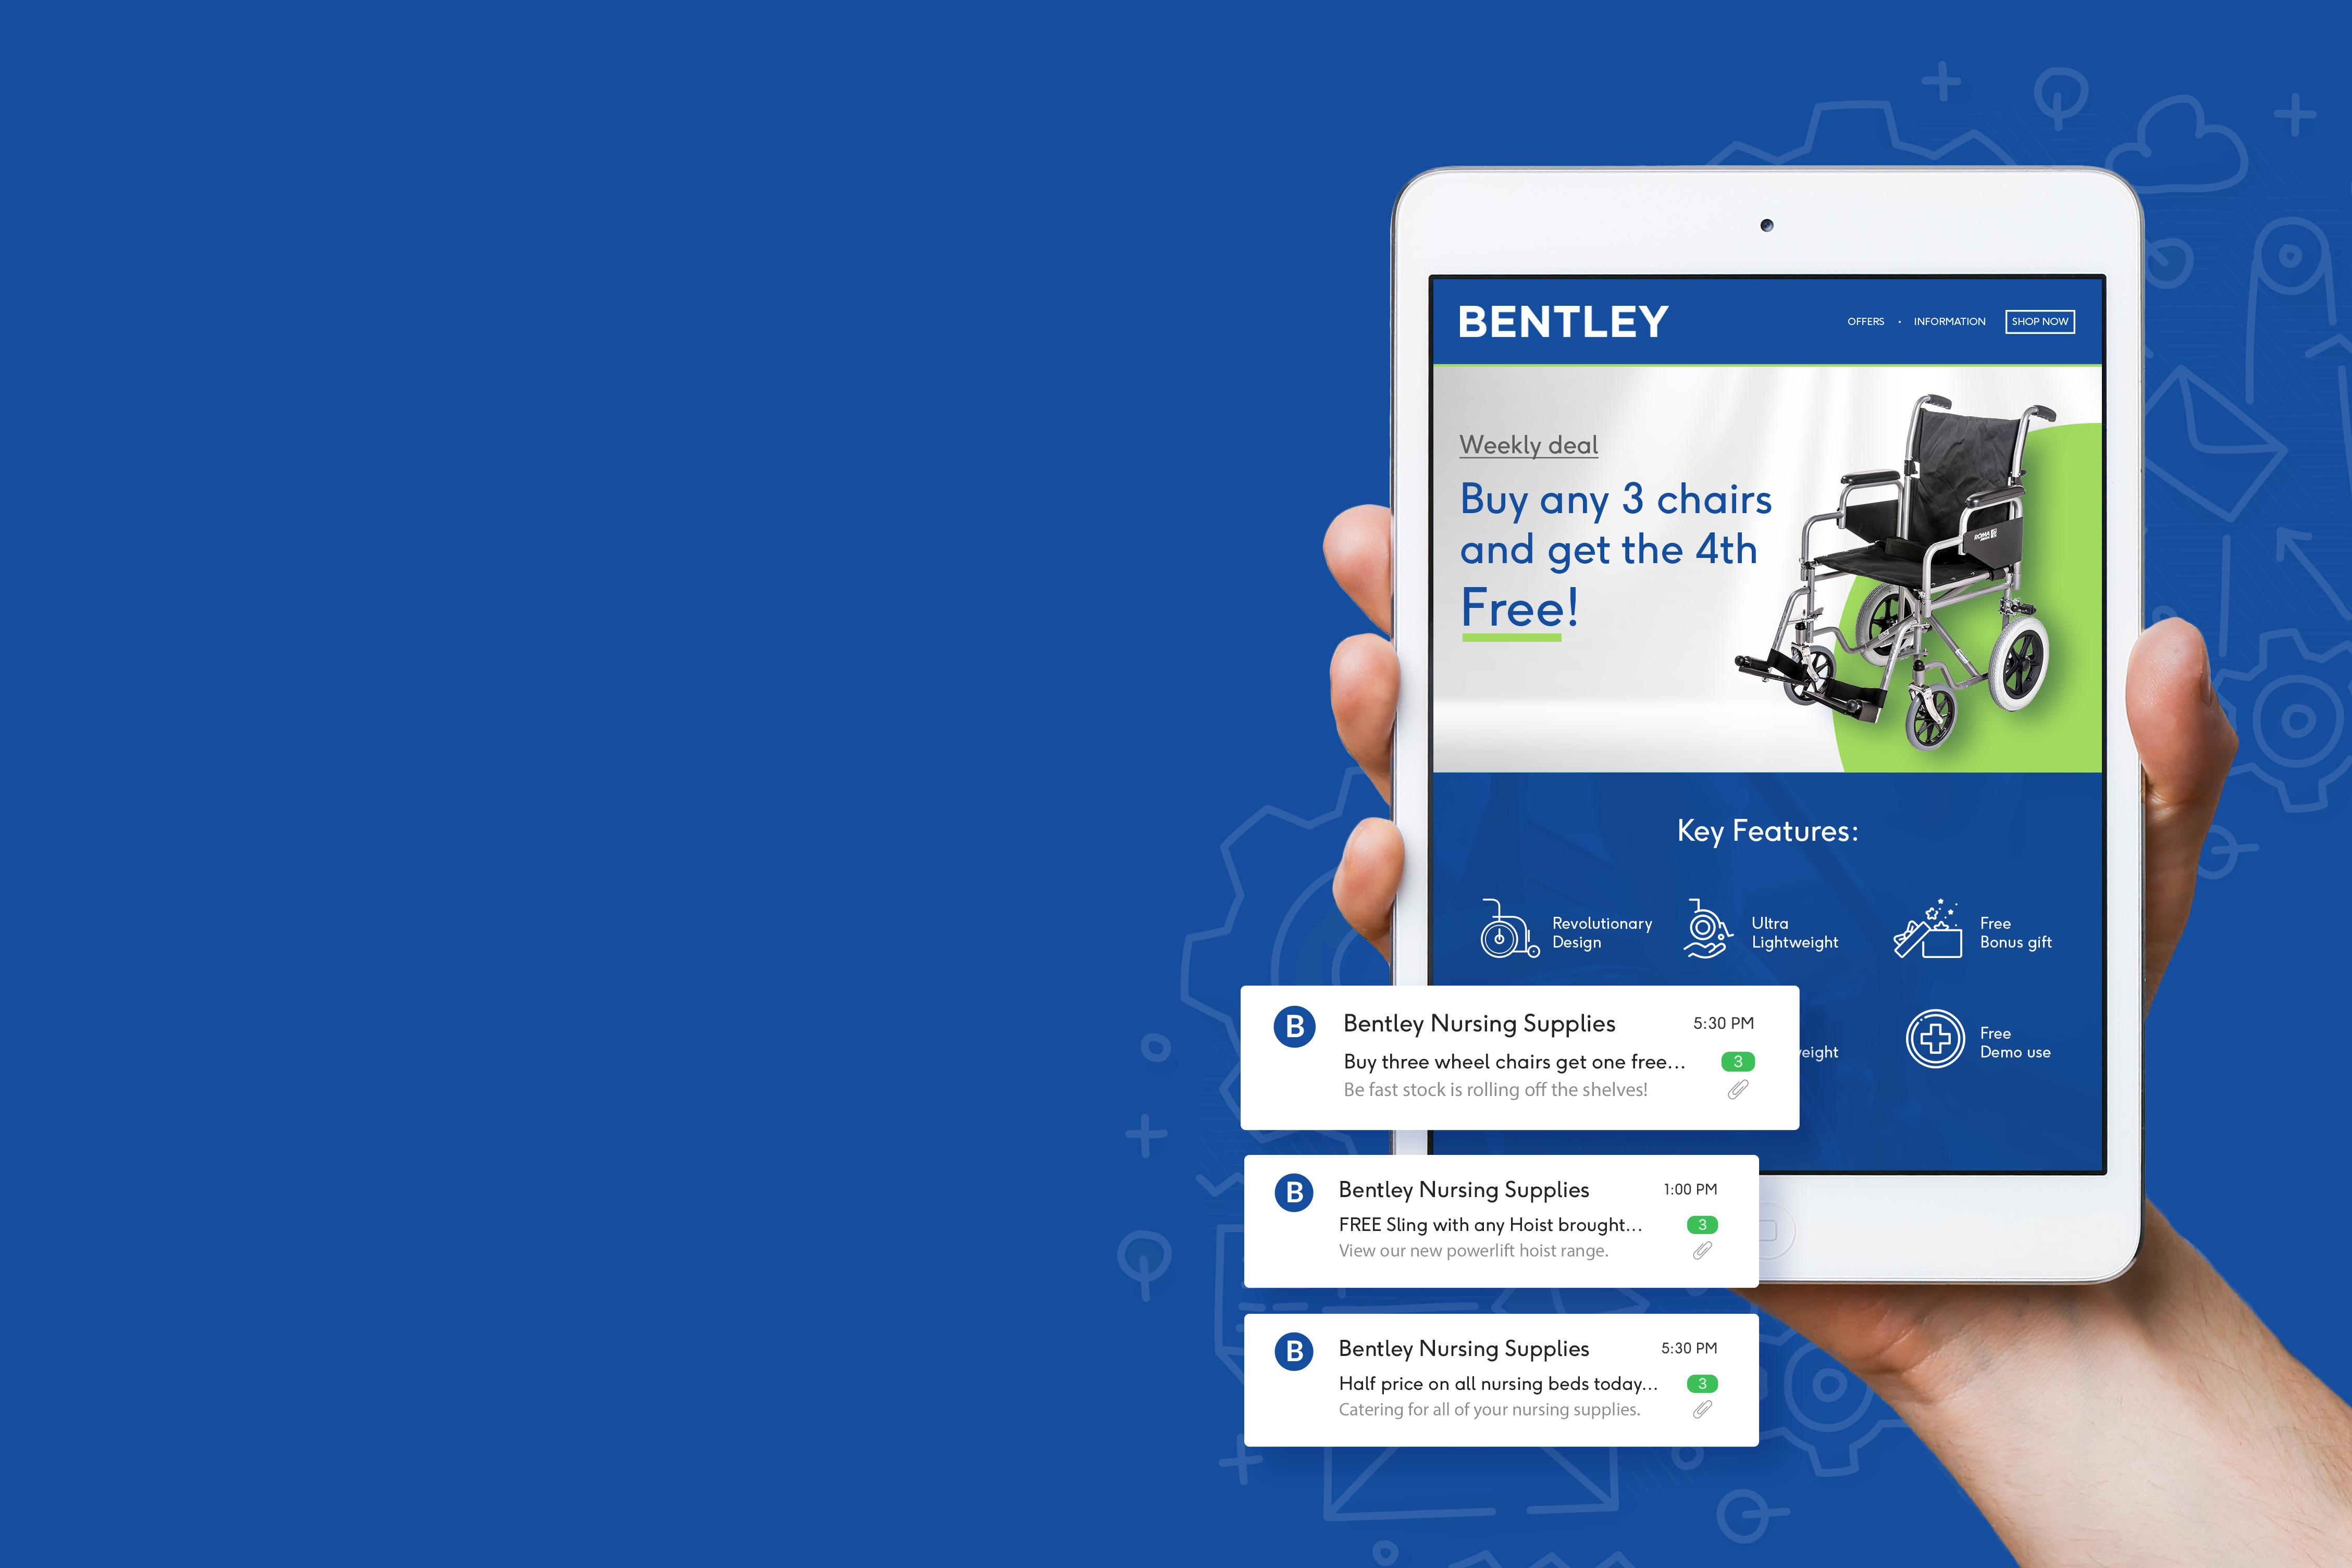 Bentley iPad offers